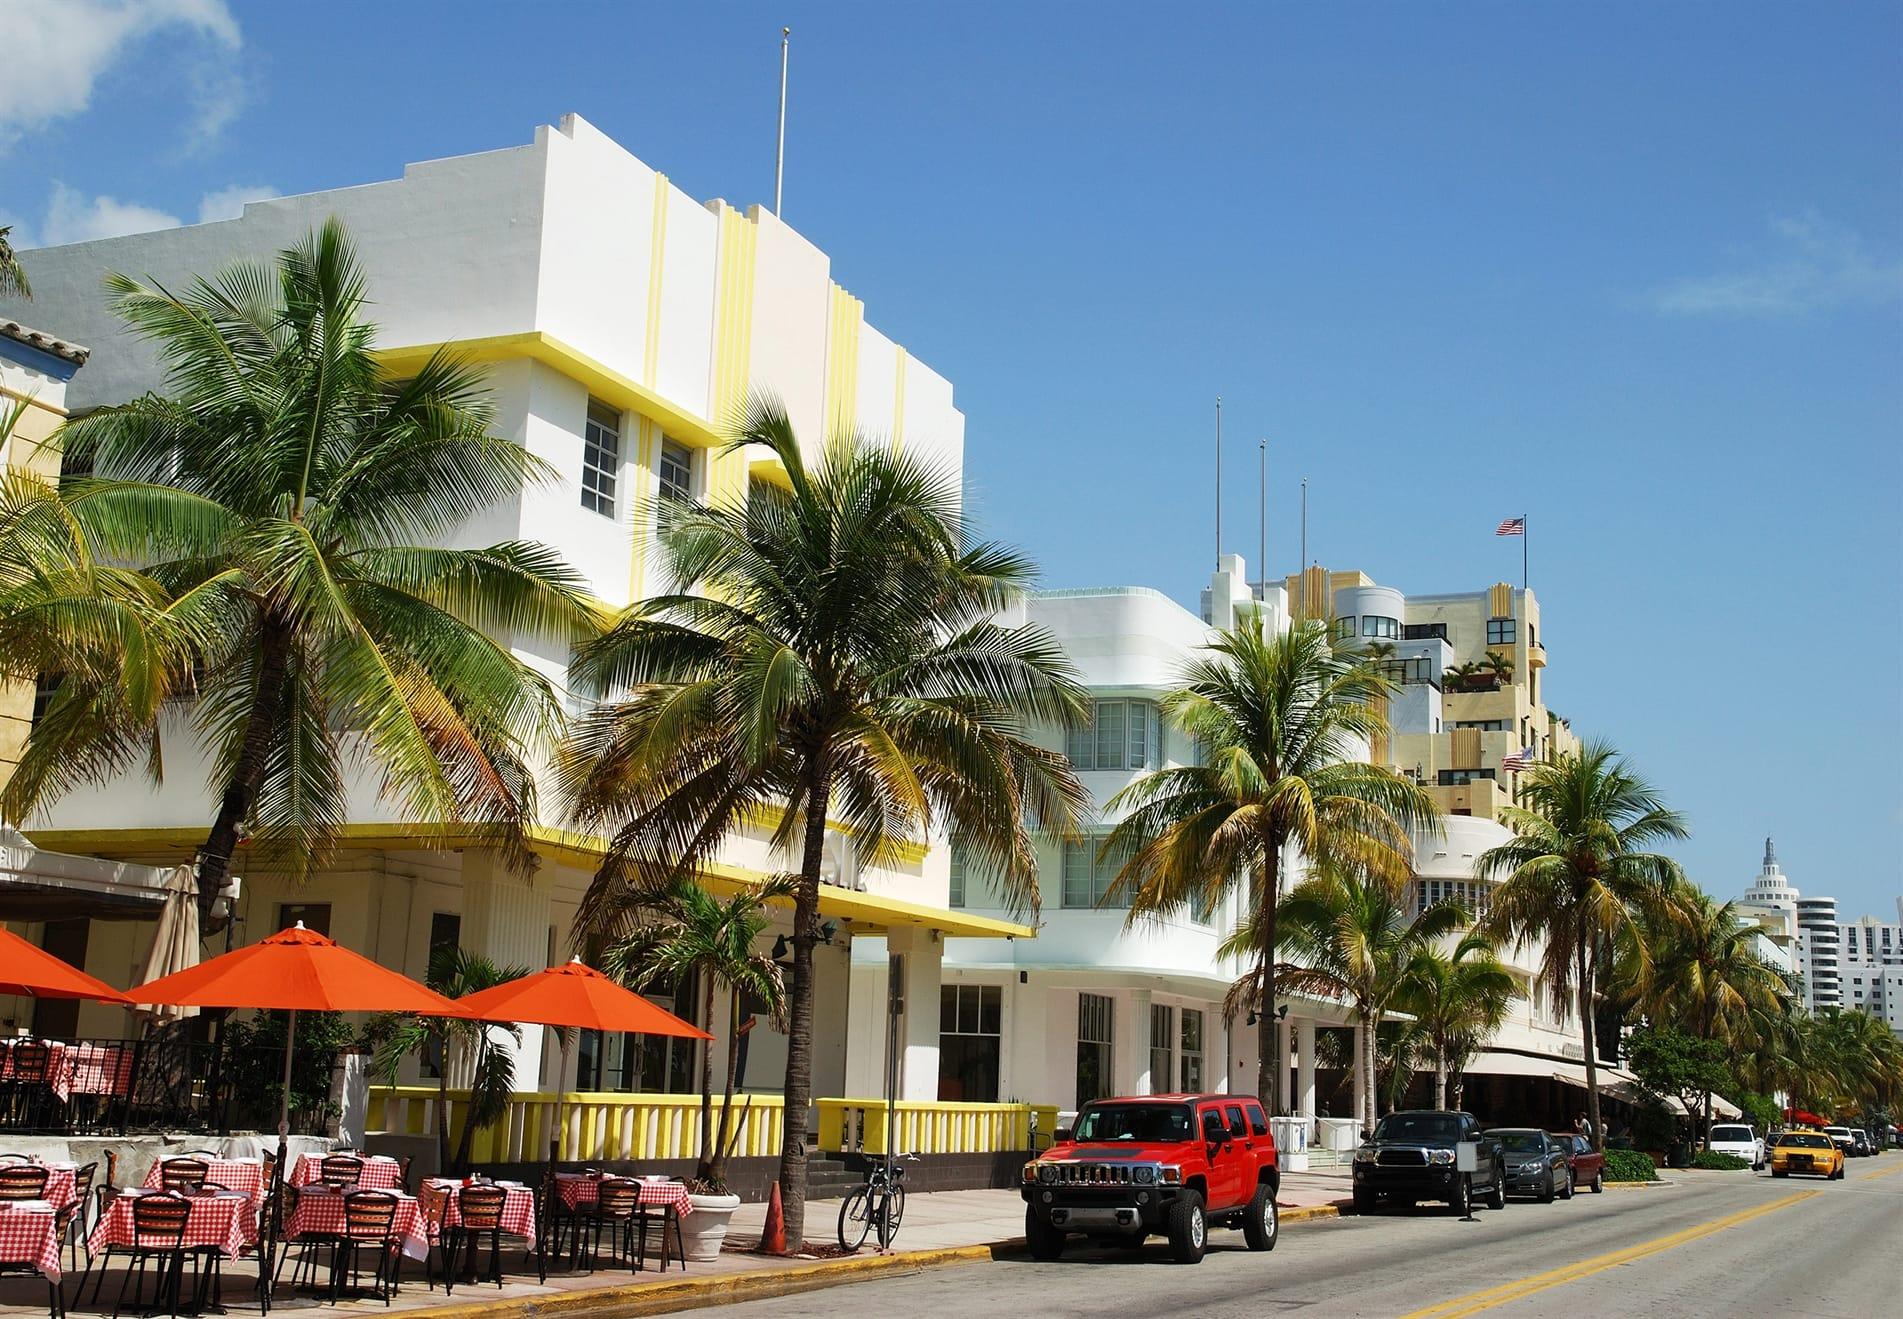 Hotelcombinatie vakantie New York & Miami 9 dagen - Bruisende New York en het heerlijke strand van Miami